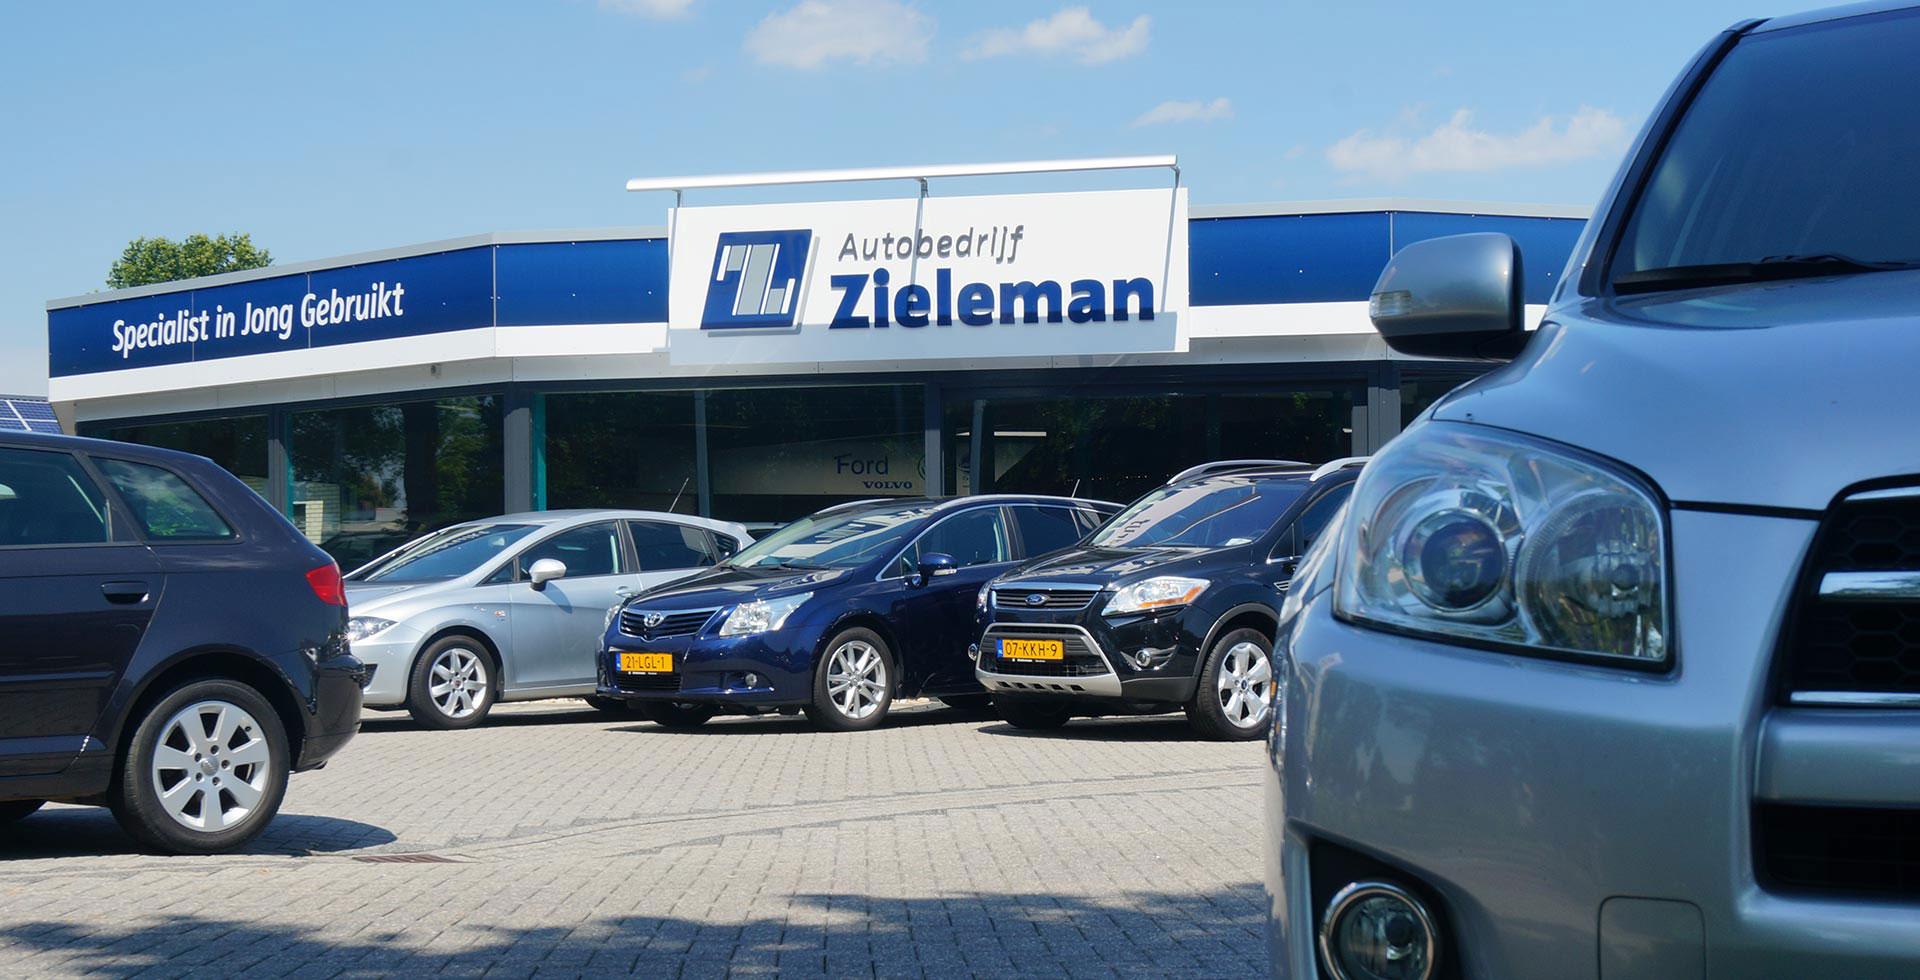 Autobedrijf Zieleman case